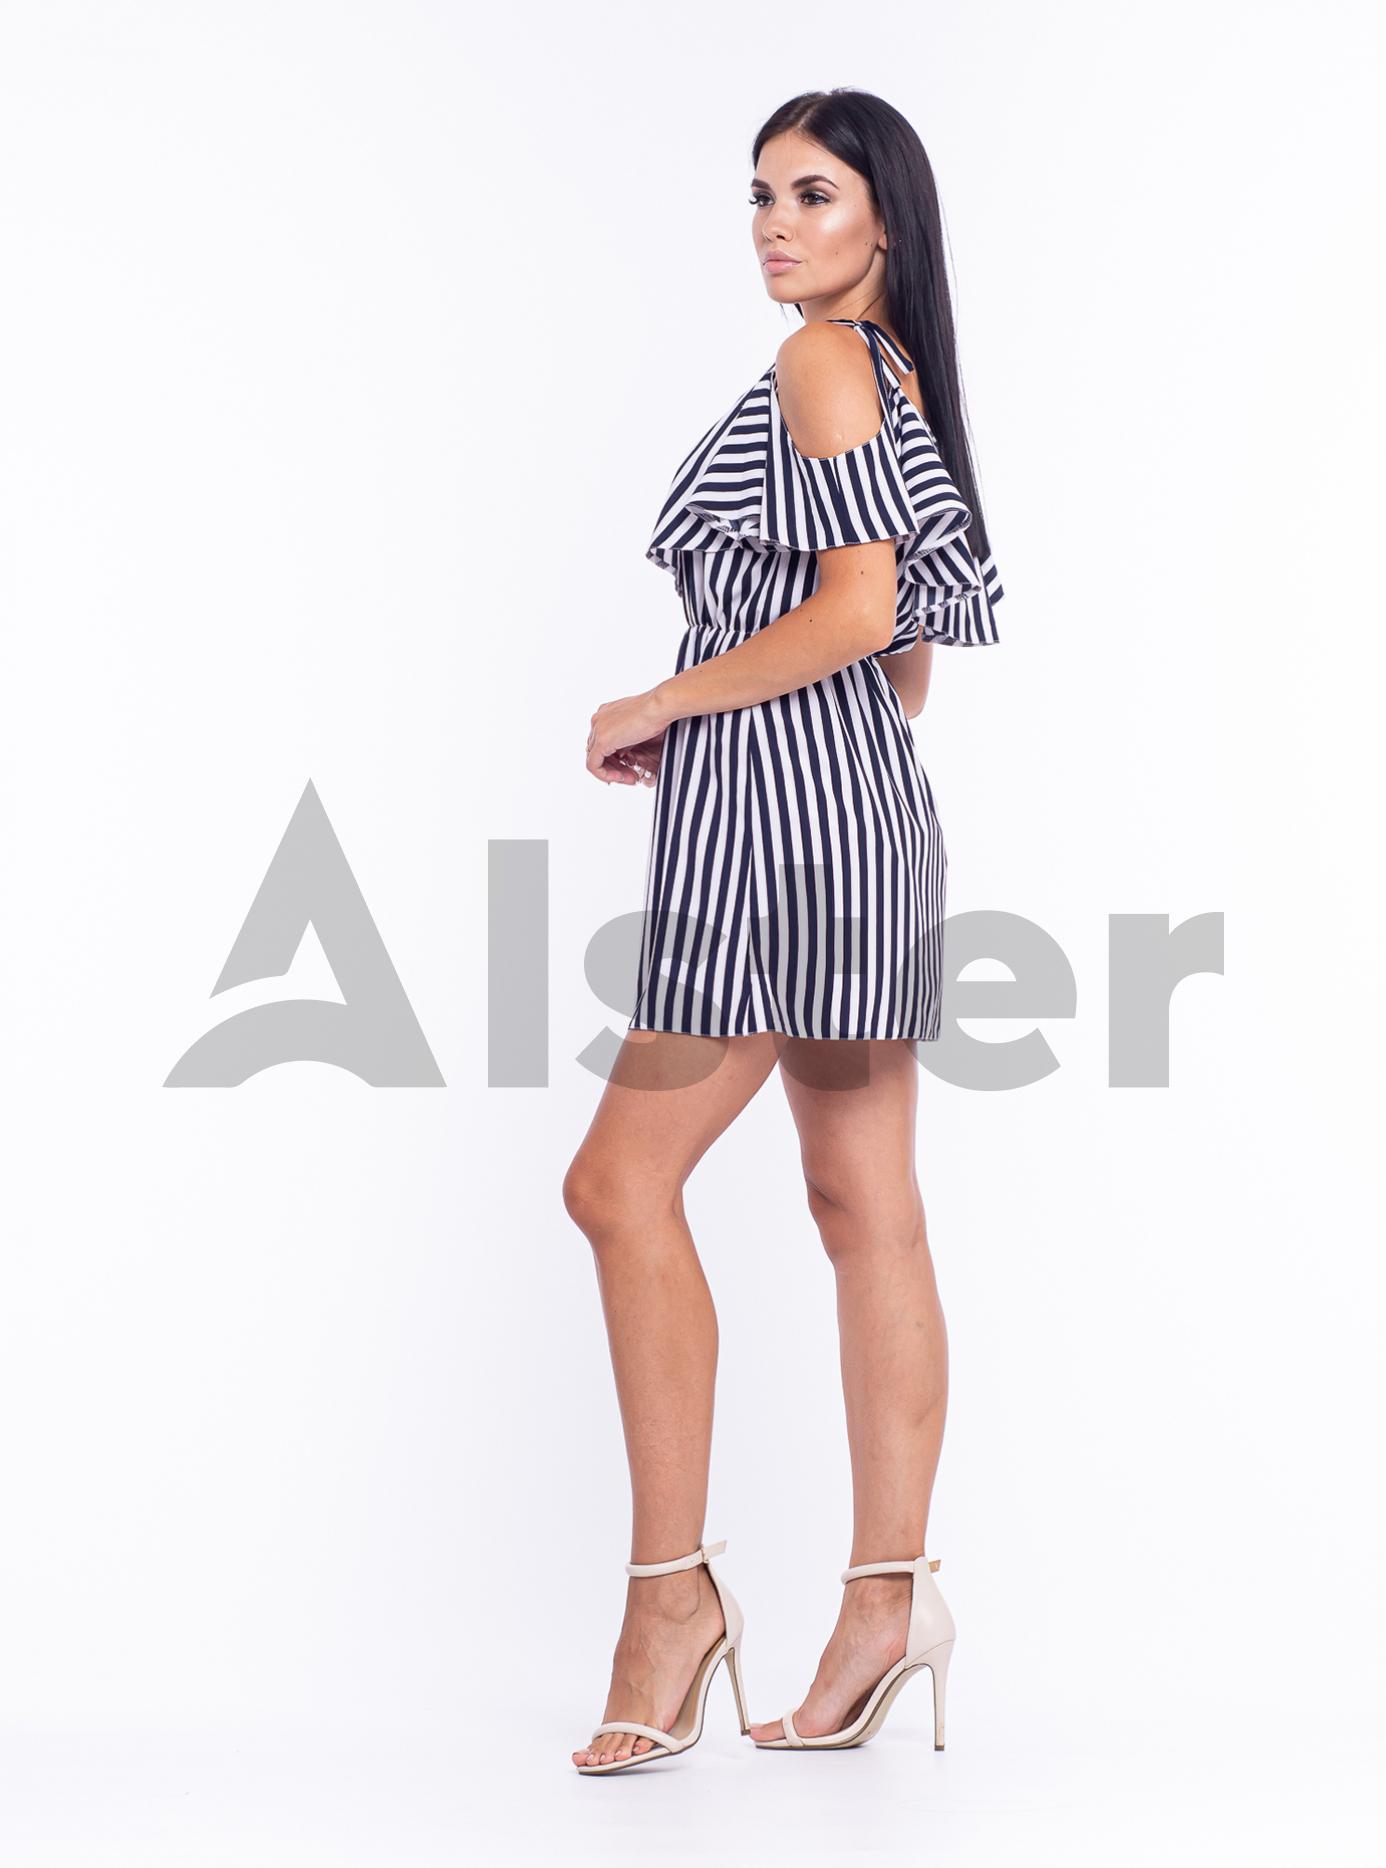 Платье Volan Синий 42 (04-8987962): фото - Alster.ua